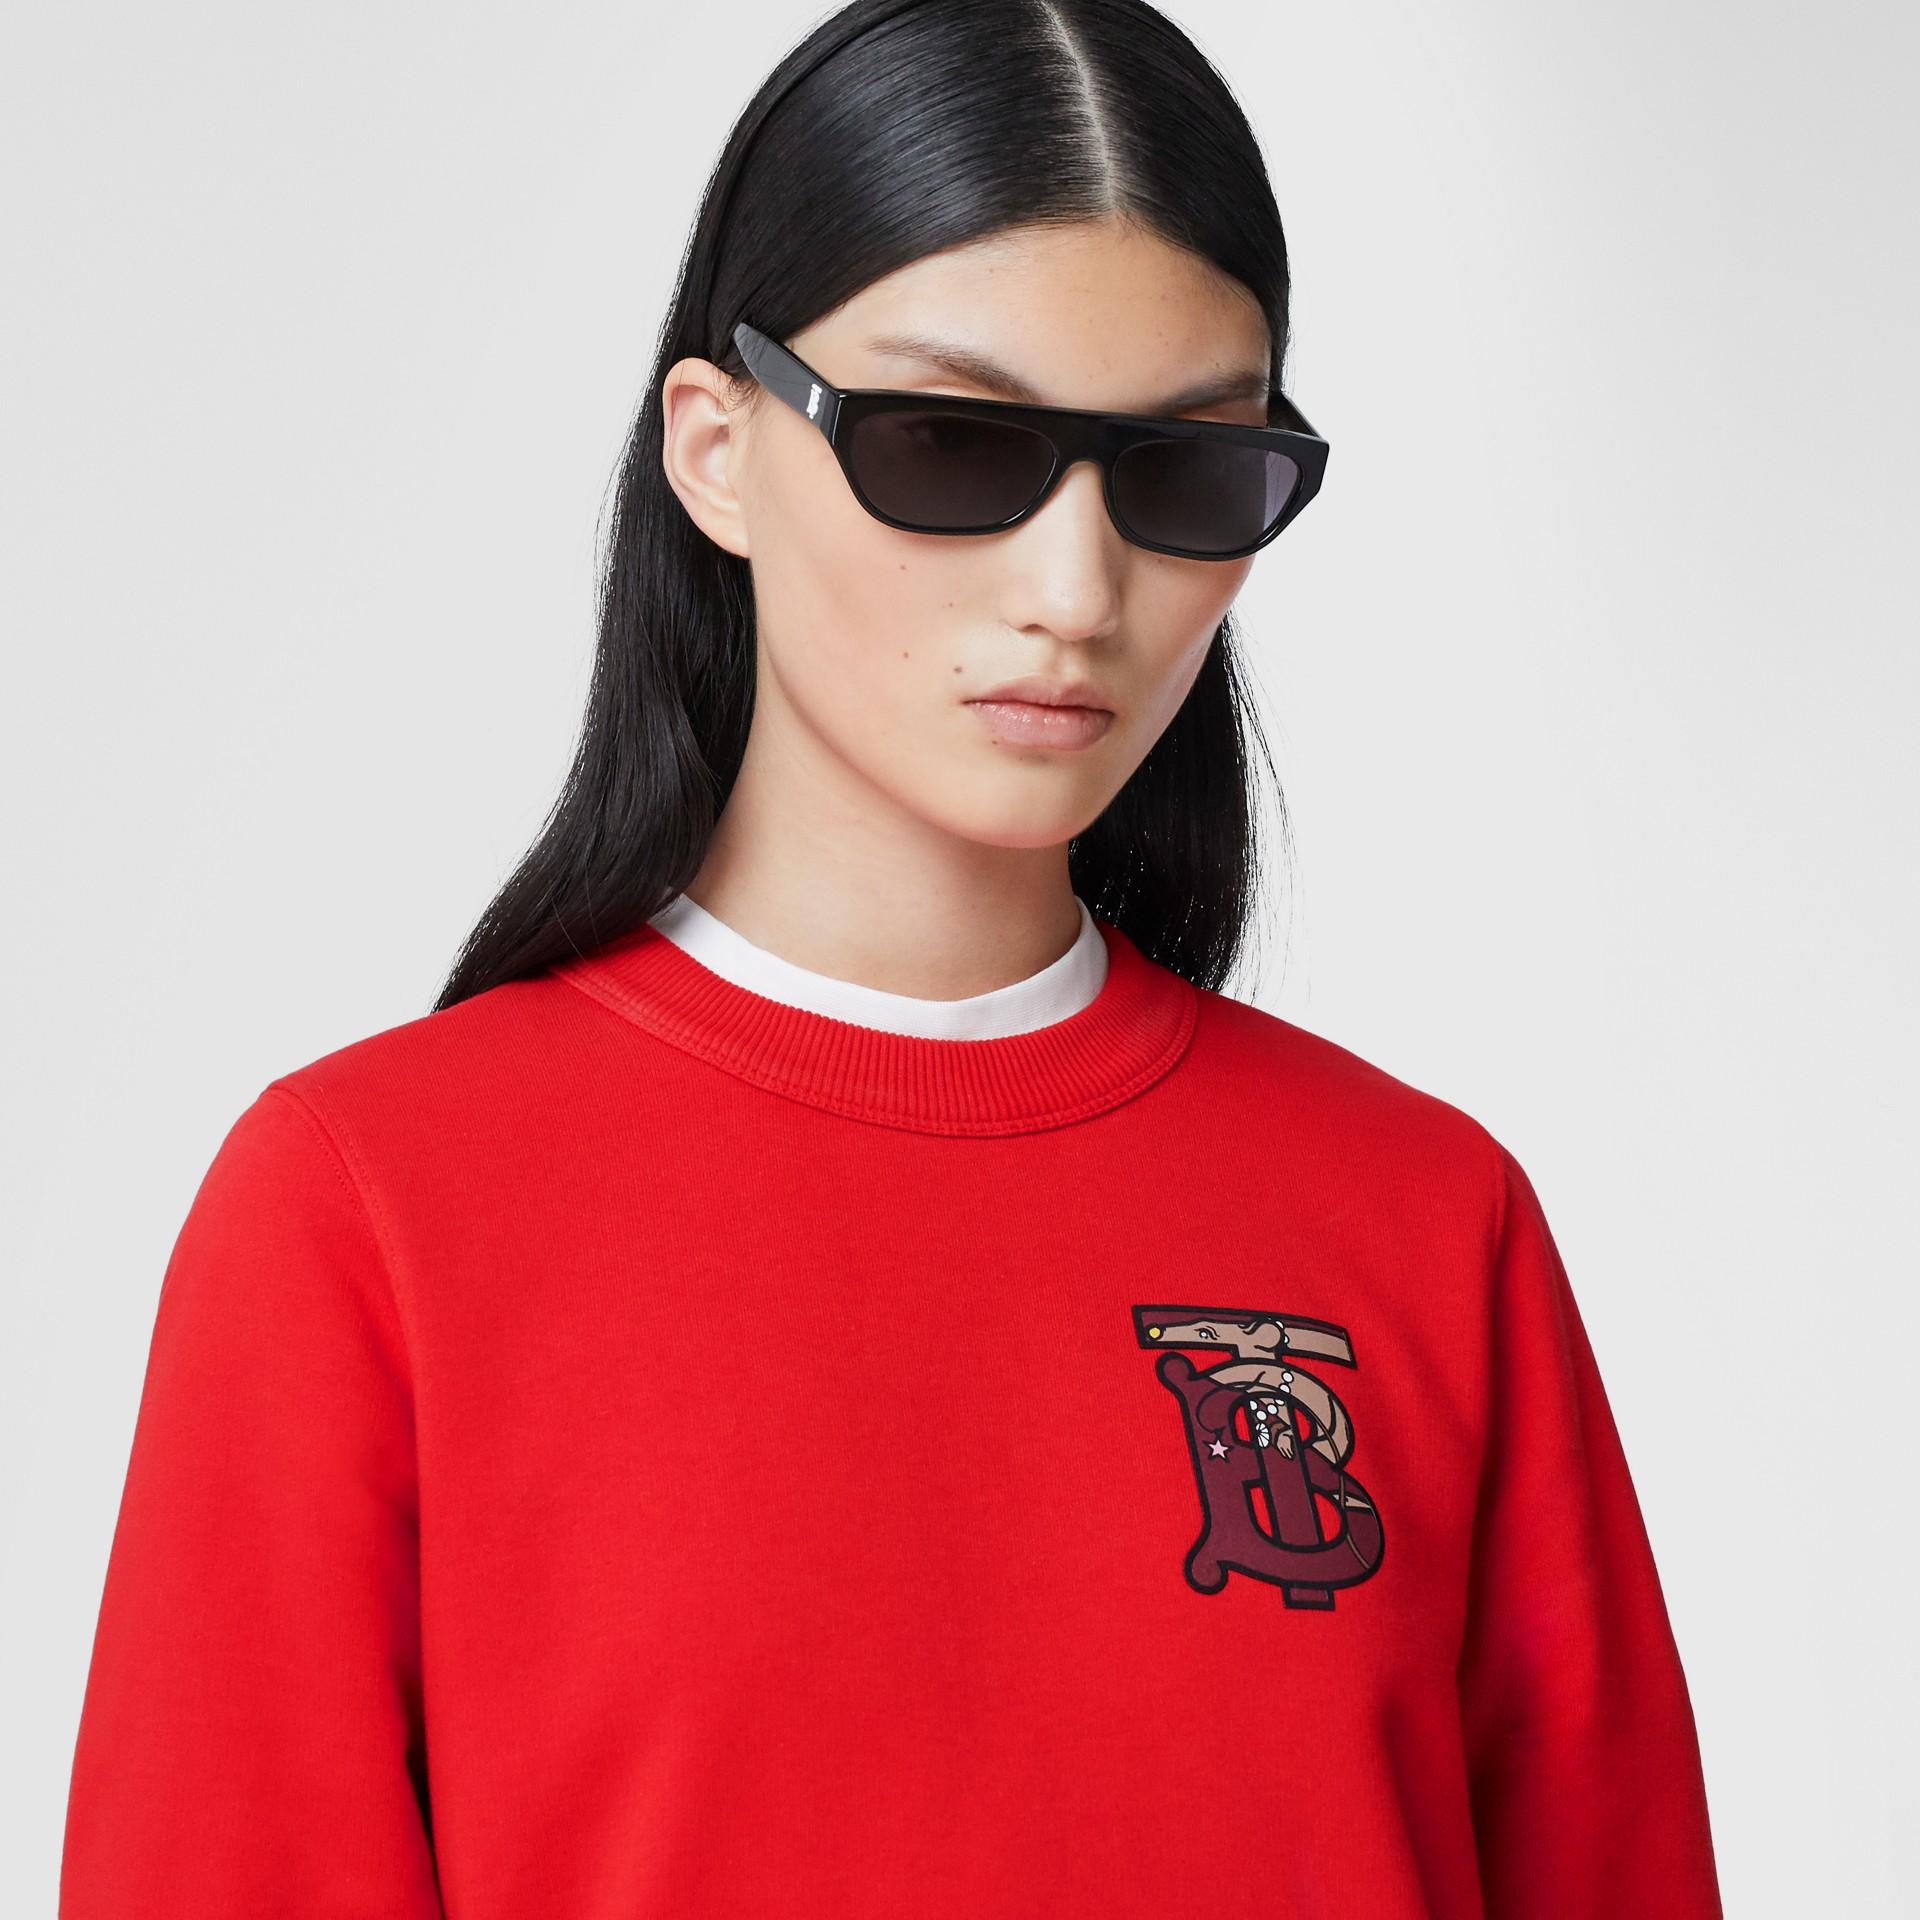 花押字圖案棉質寬版運動衫 (亮紅色) - 女款 | Burberry - 圖庫照片 1